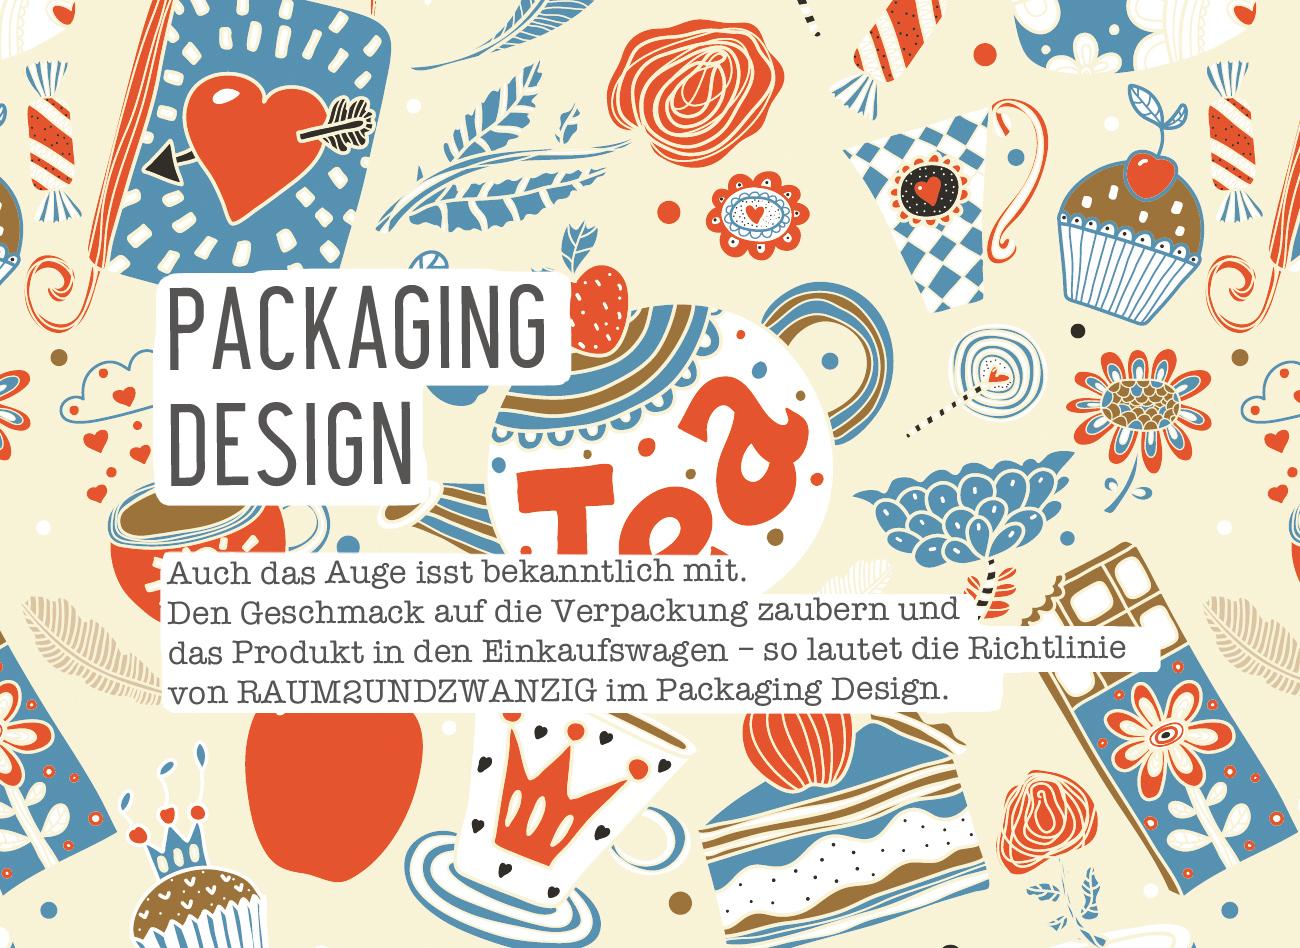 Auch das Auge isst bekanntlich mit. Den Geschmack auf die Verpackung zaubern und das Produkt in den Einkaufswagen – so lautet die Richtlinie von RAUM2UNDZWANZIG im Packaging Design.